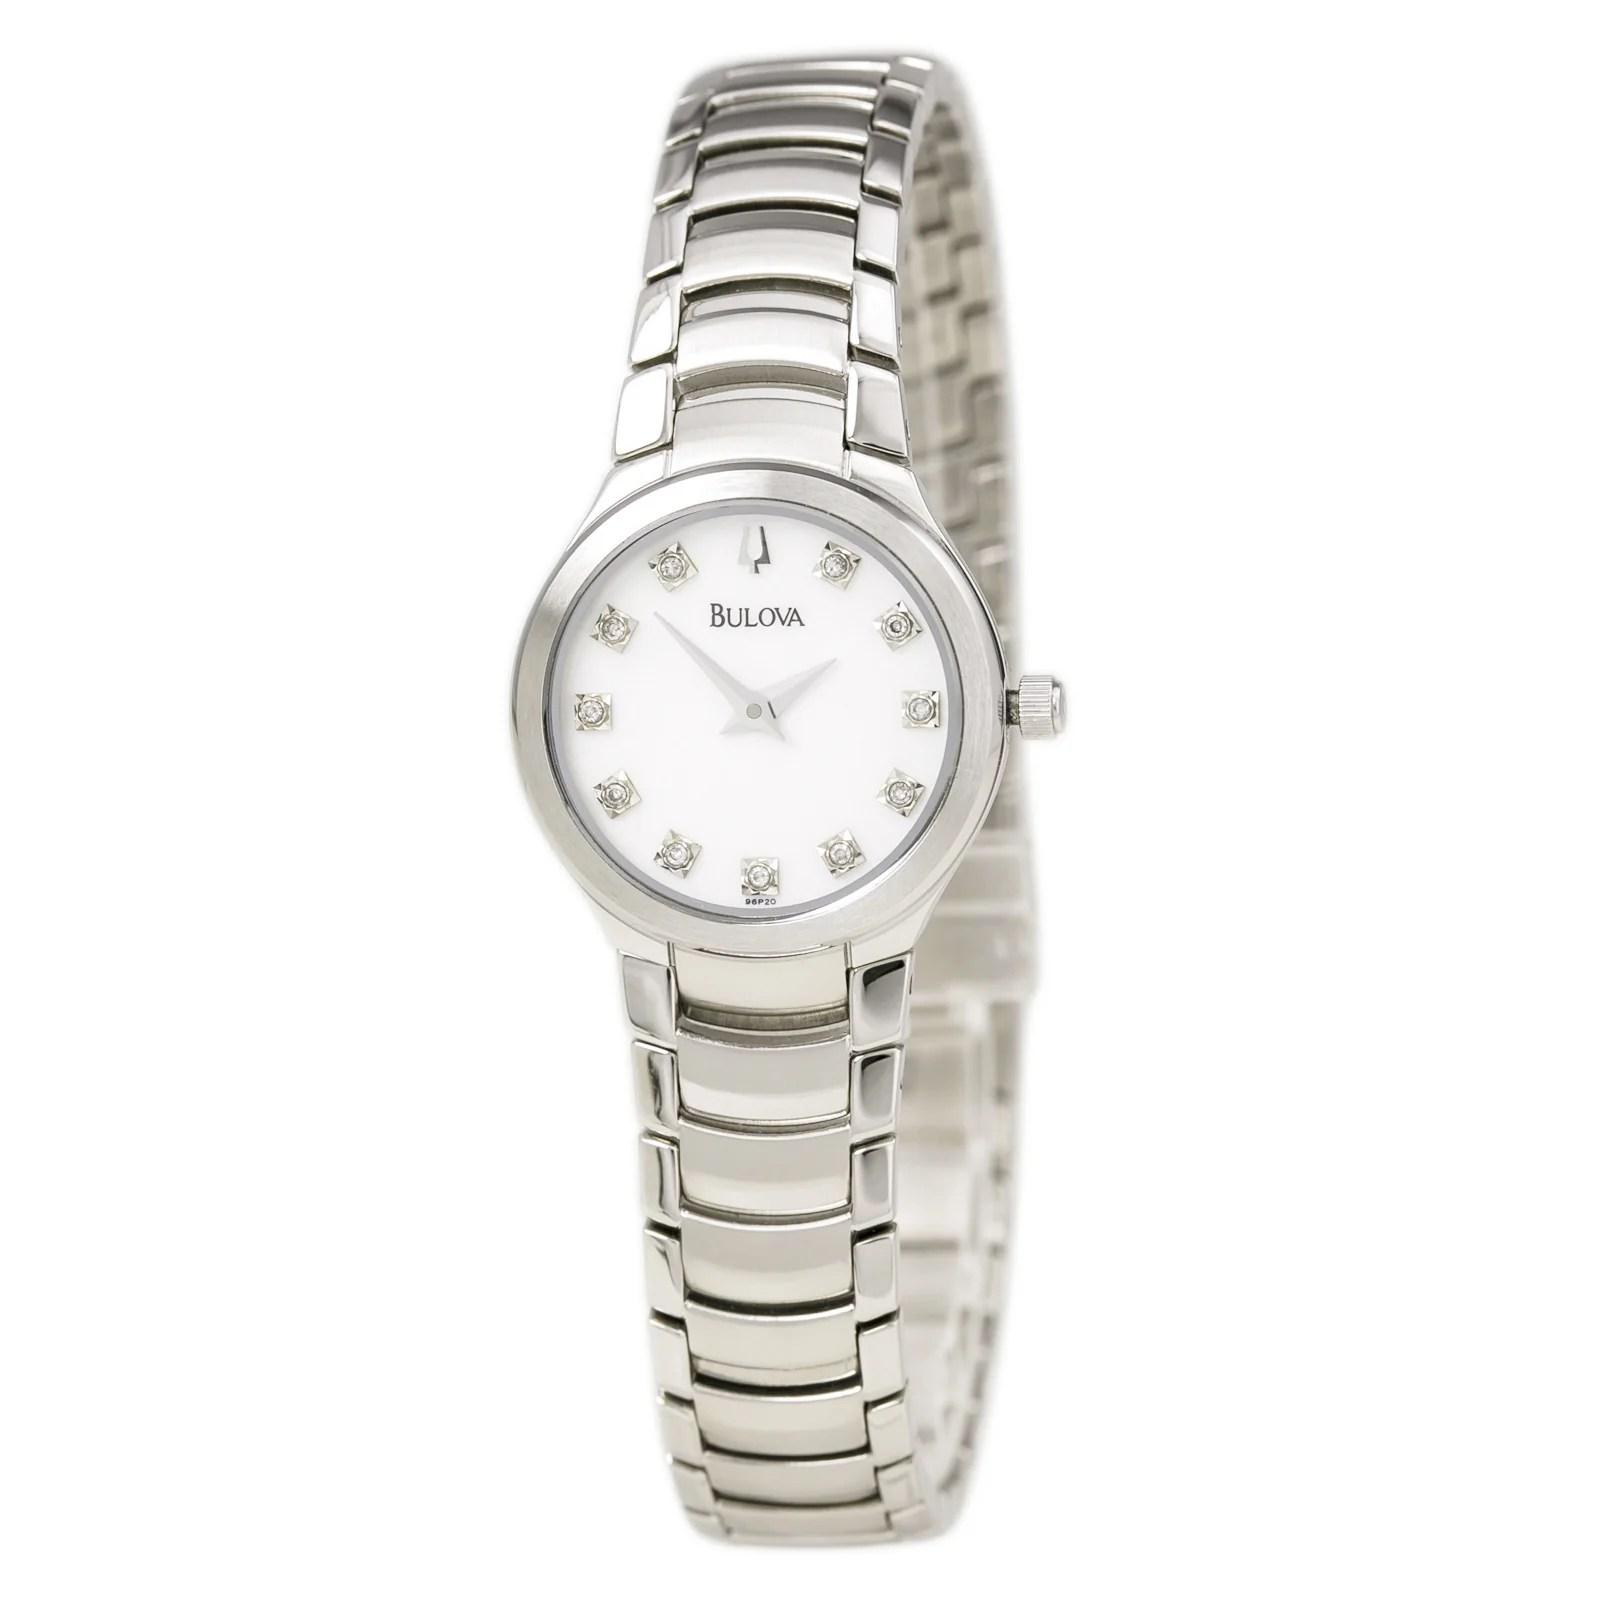 Bulova 96P20 Women's Dress MOP Dial Steel Bracelet Diamond Watch